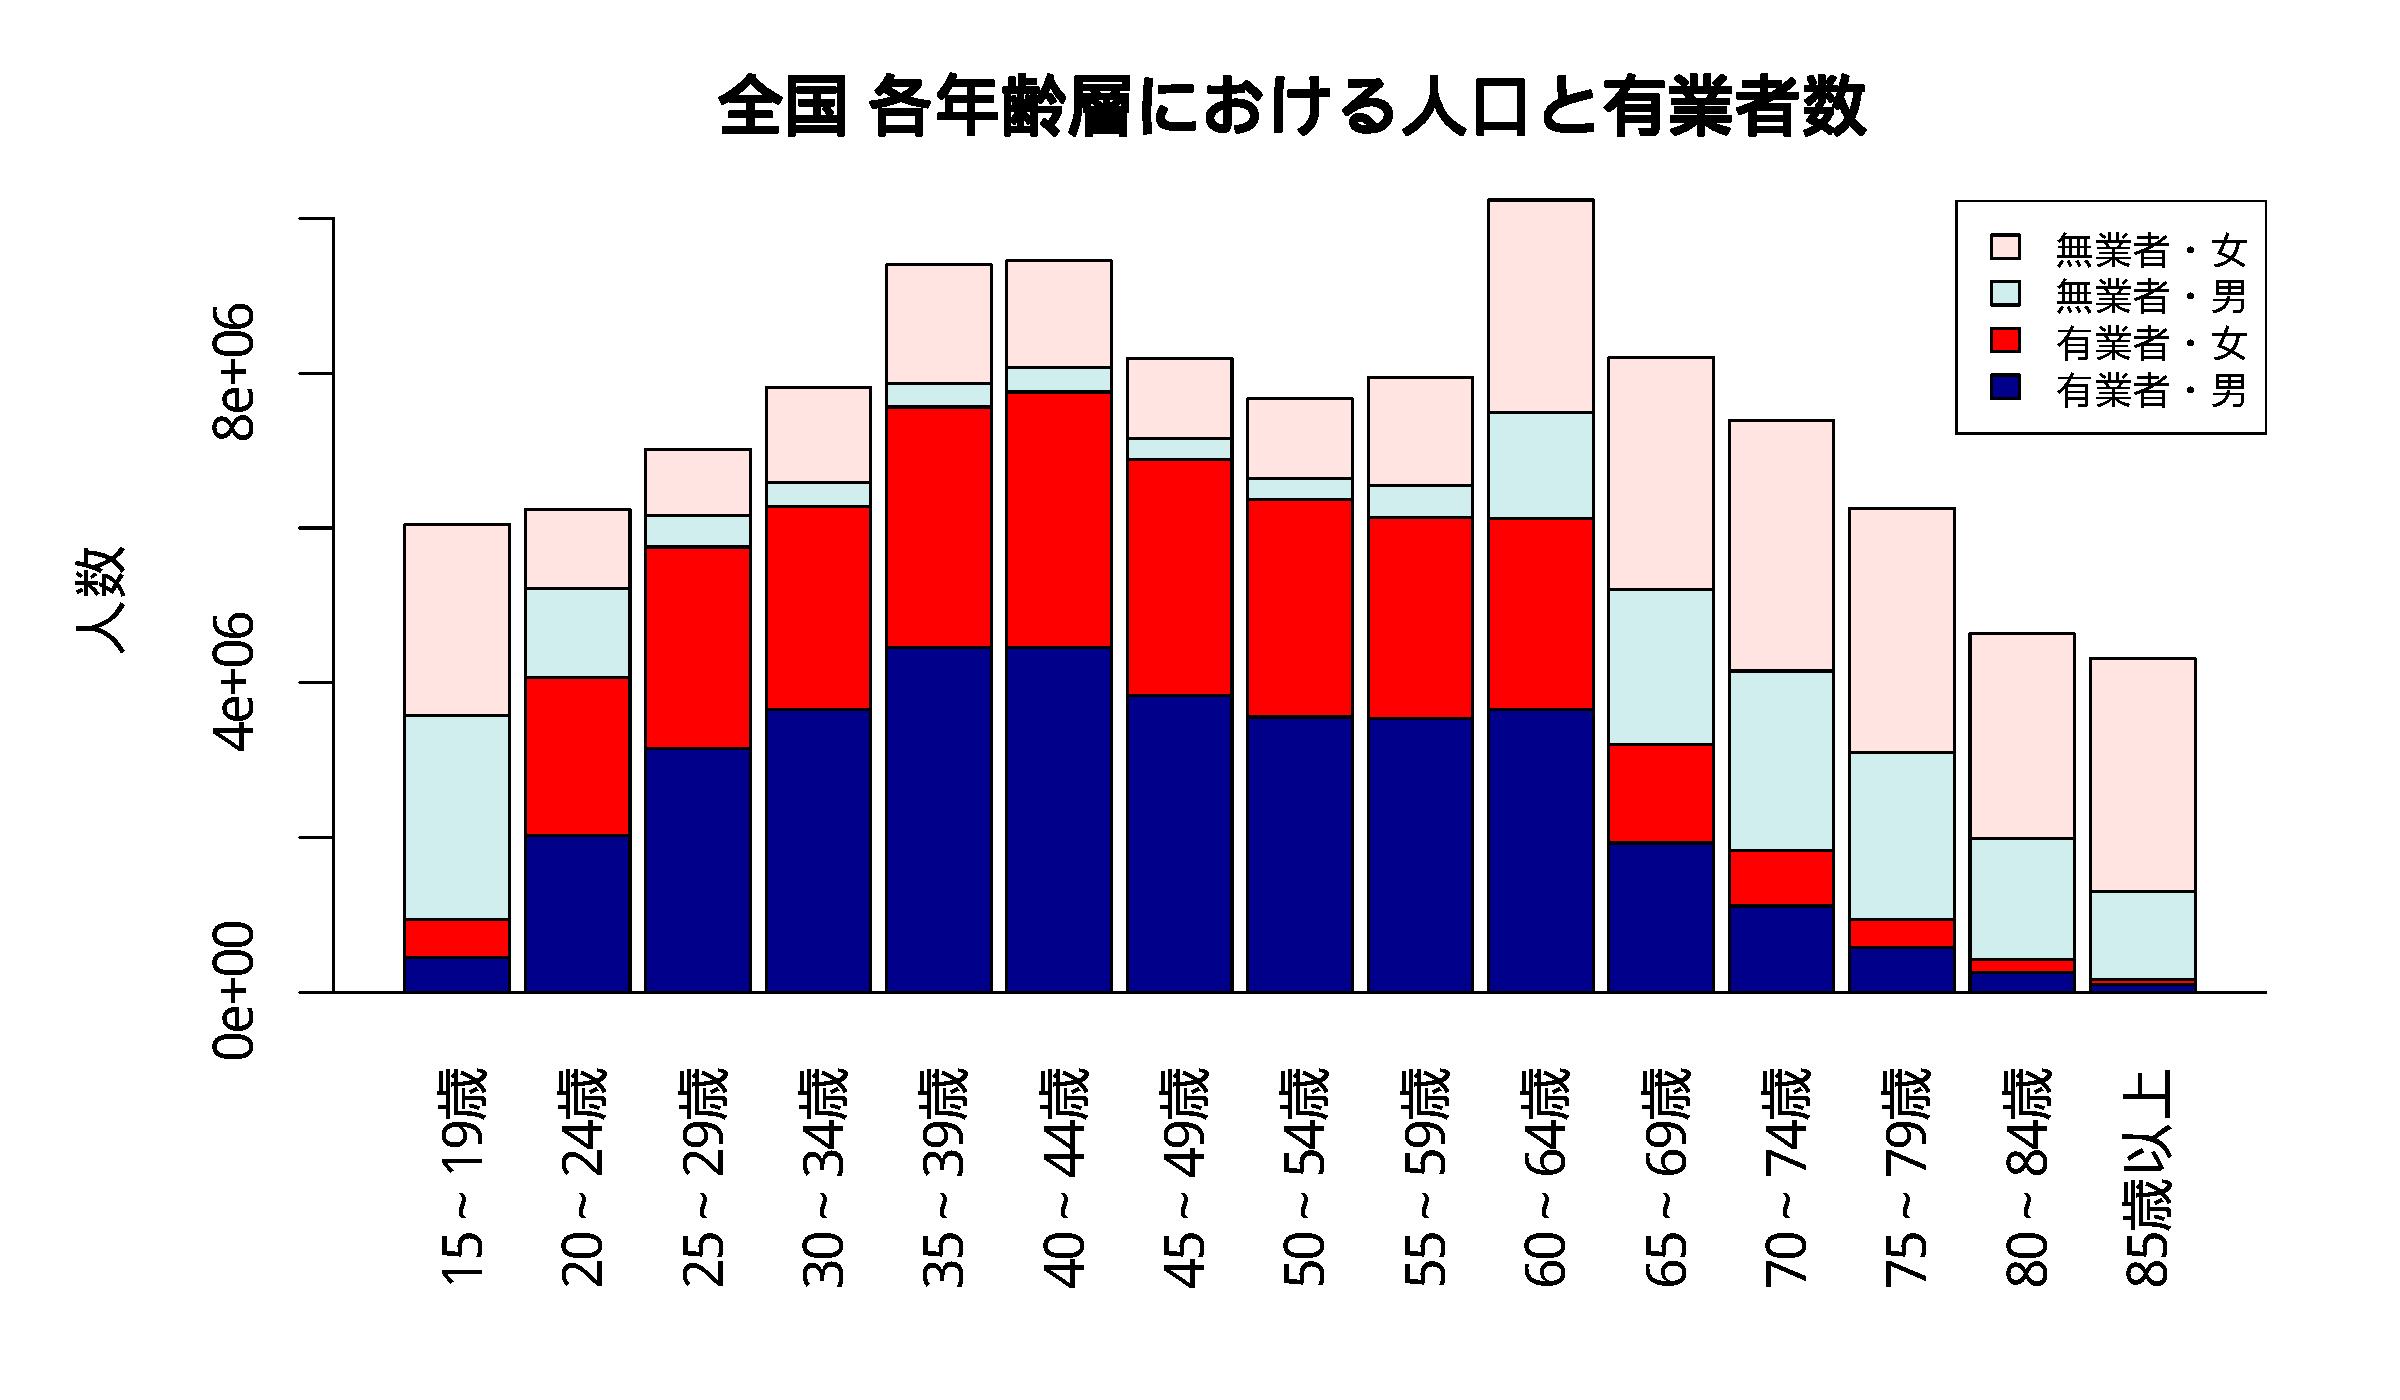 全国の年齢層別有業者数